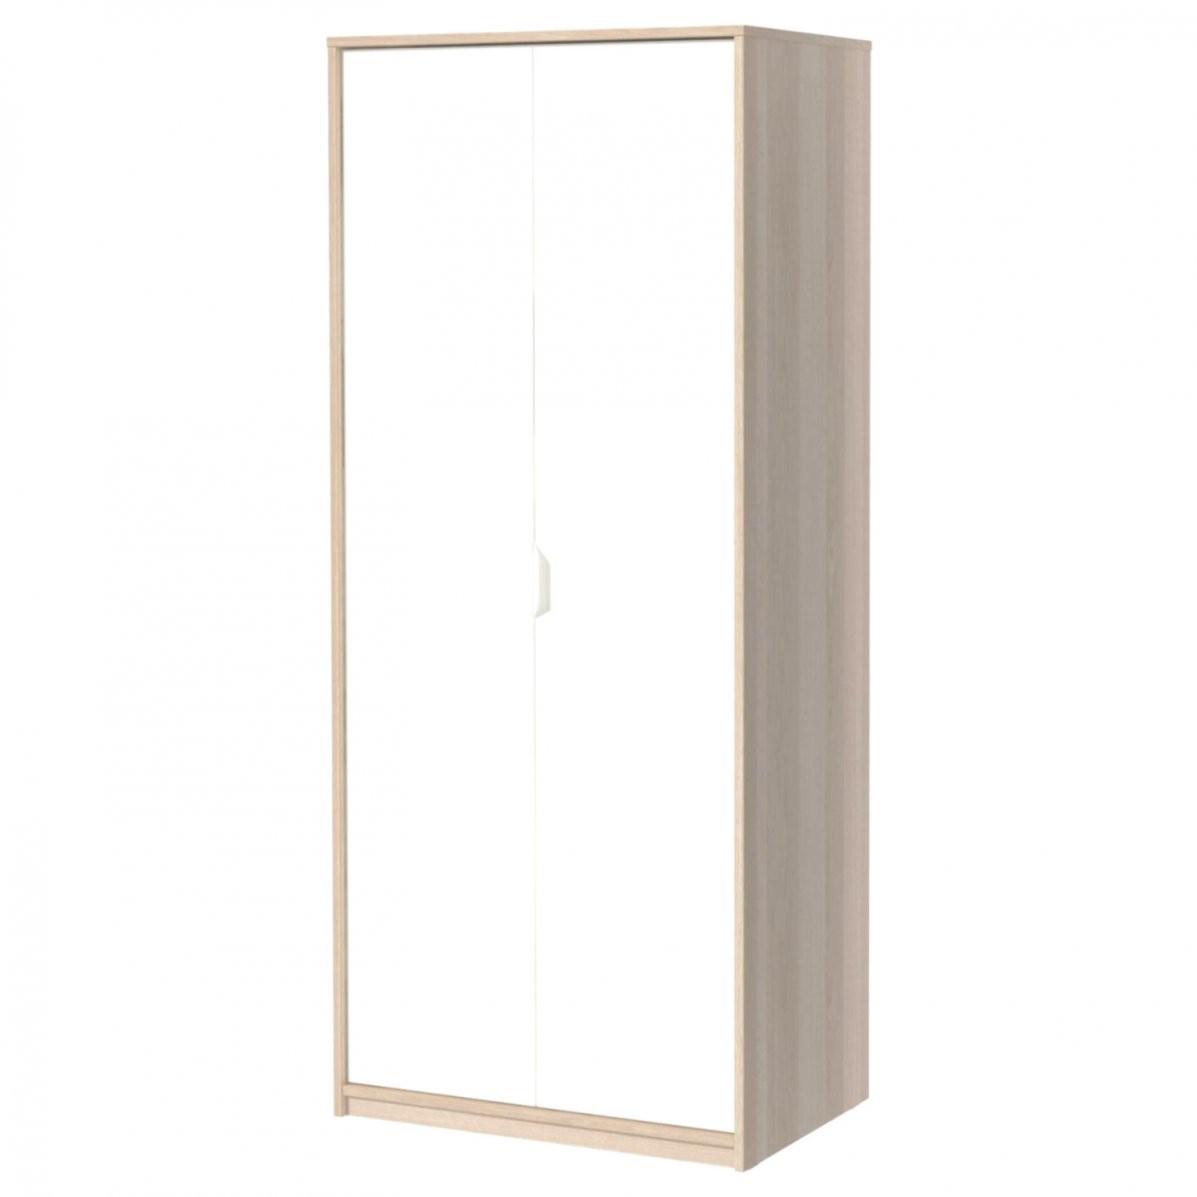 Ikea Schrank 60 X 60 Kleiderschrank 60 Cm Breit – Accminternacional von Schrank 60 Cm Breit Ikea Bild